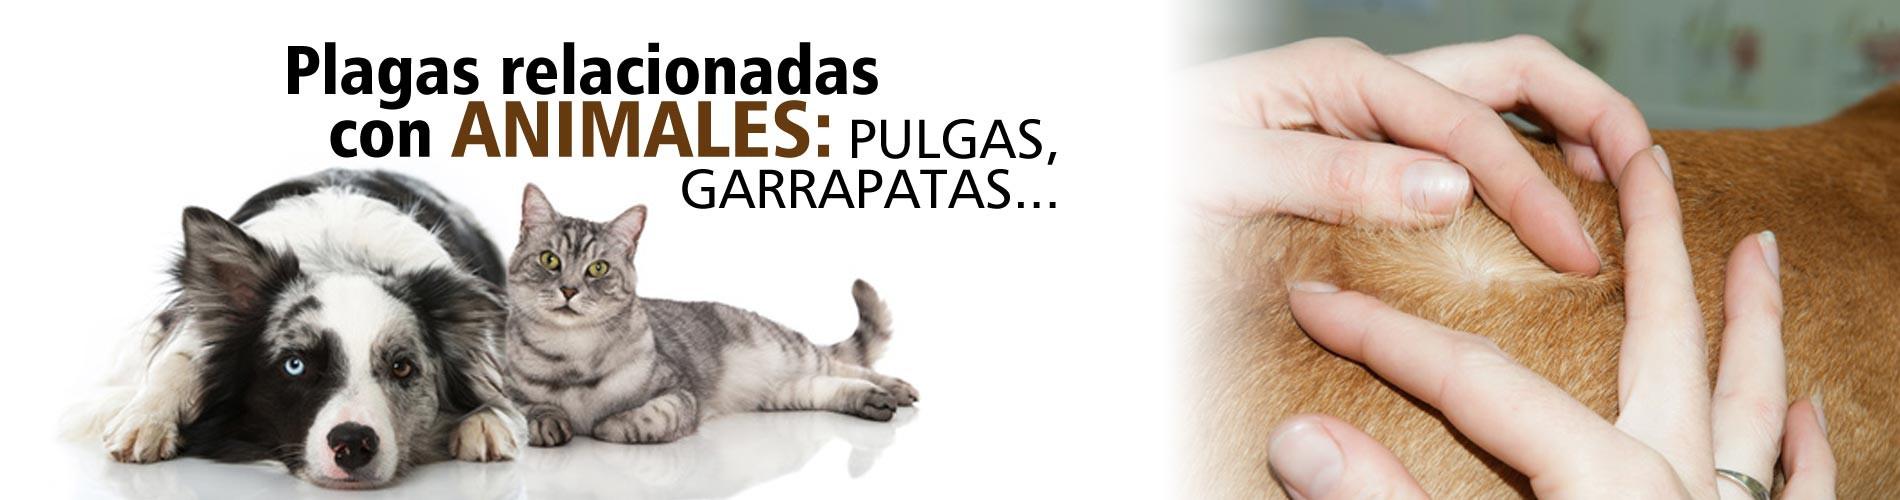 Plagas relacionadas con animales: pulgas, garrapatas